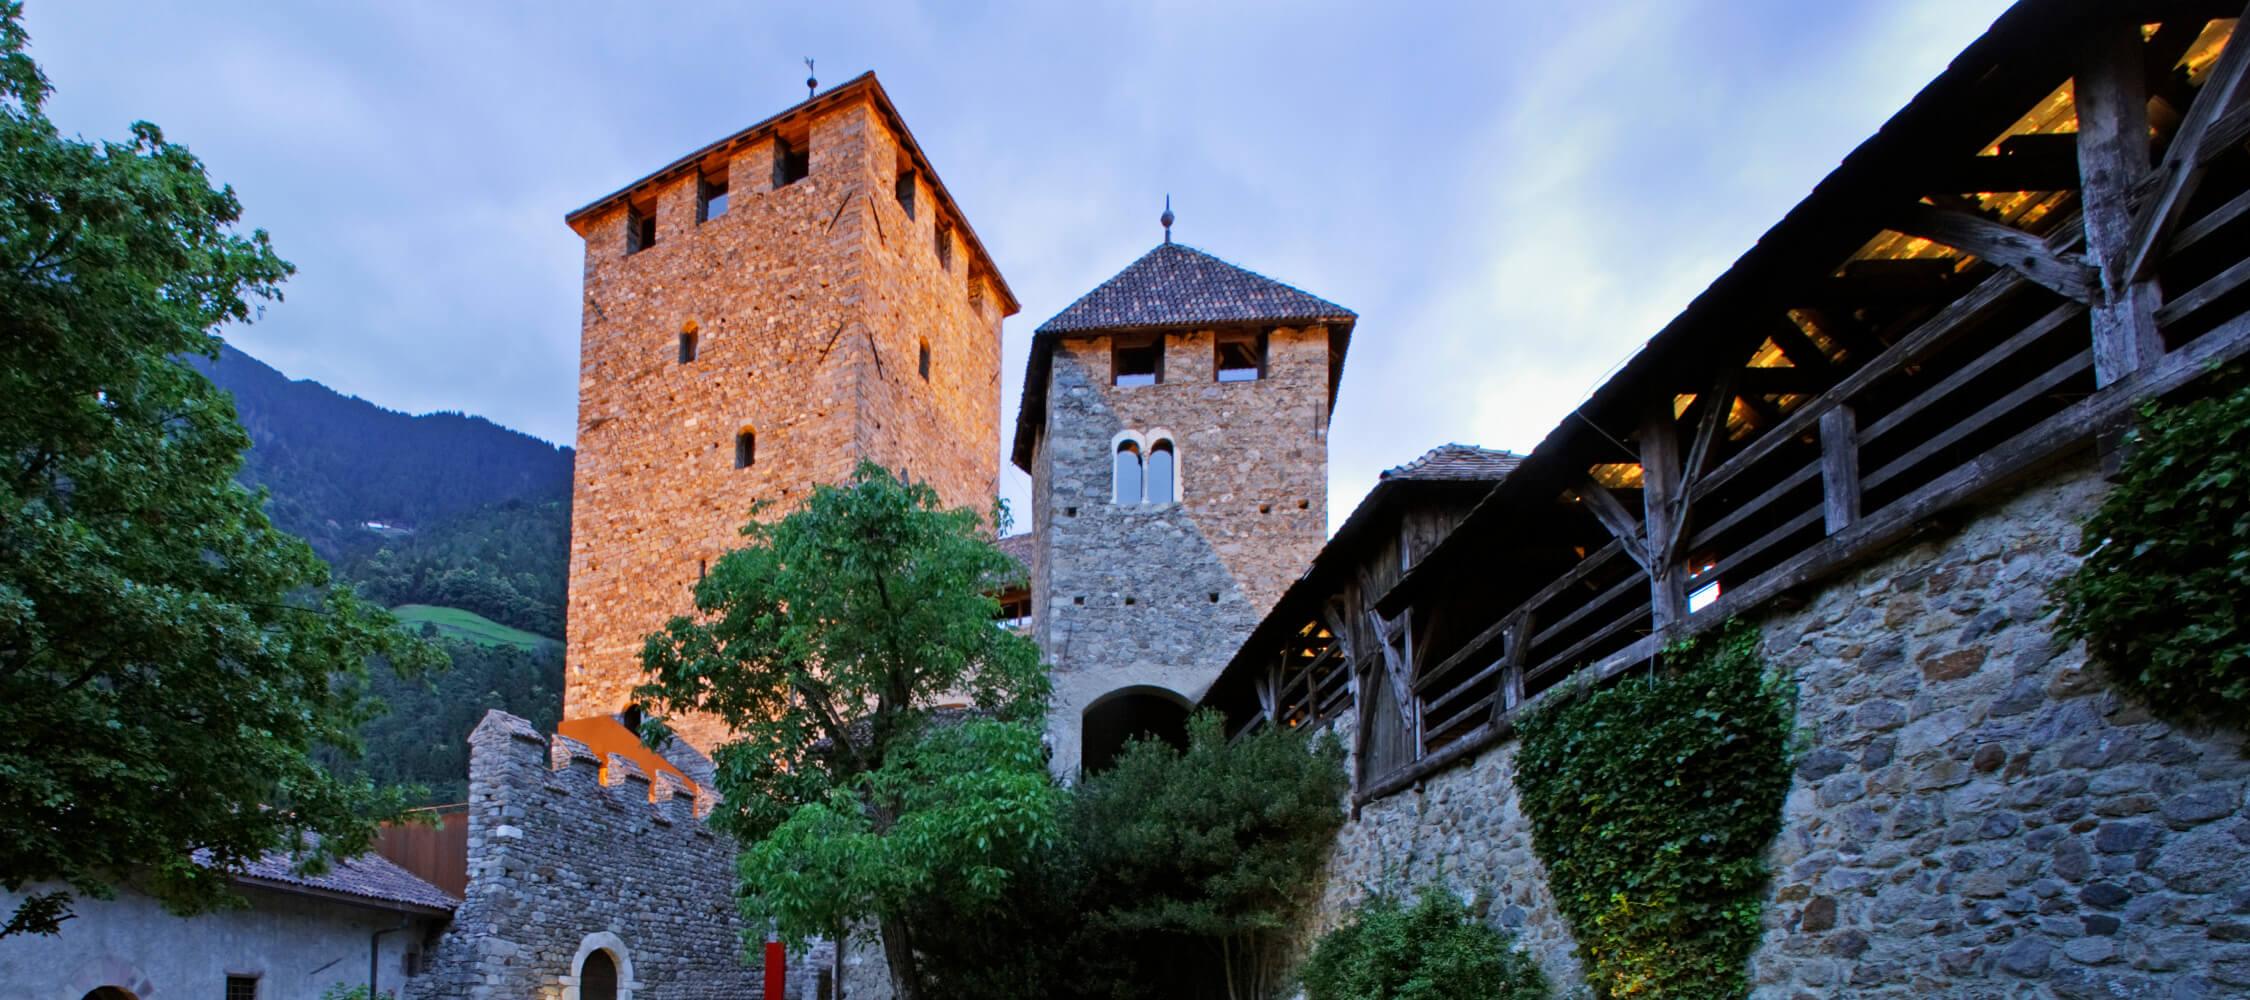 City Hotel Meran, Meraner Land, Schloss Tirol, Ausflugsziele